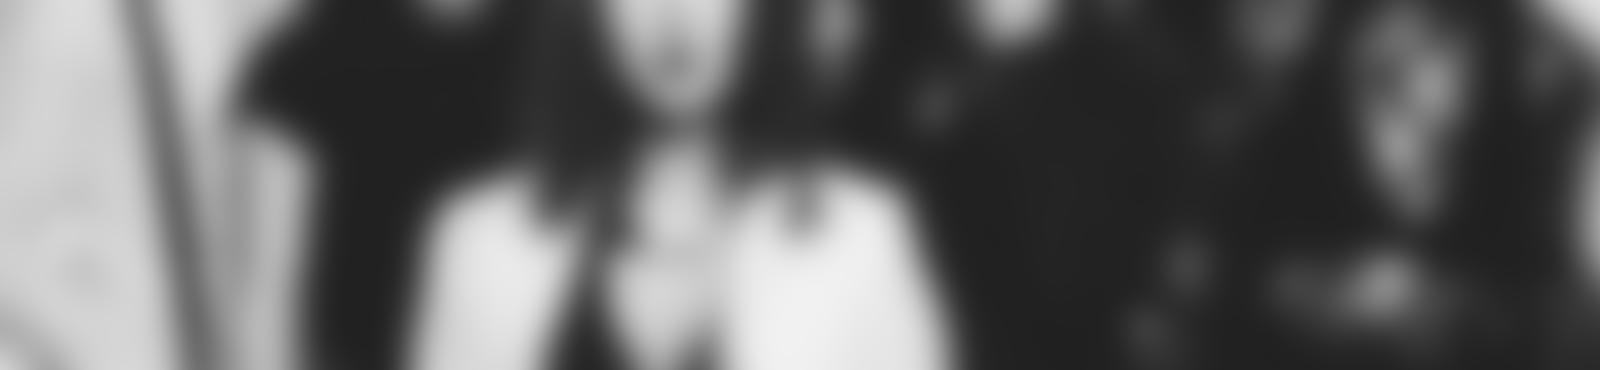 Blurred 77a37697 725b 49b6 8afb 95a384adeb95